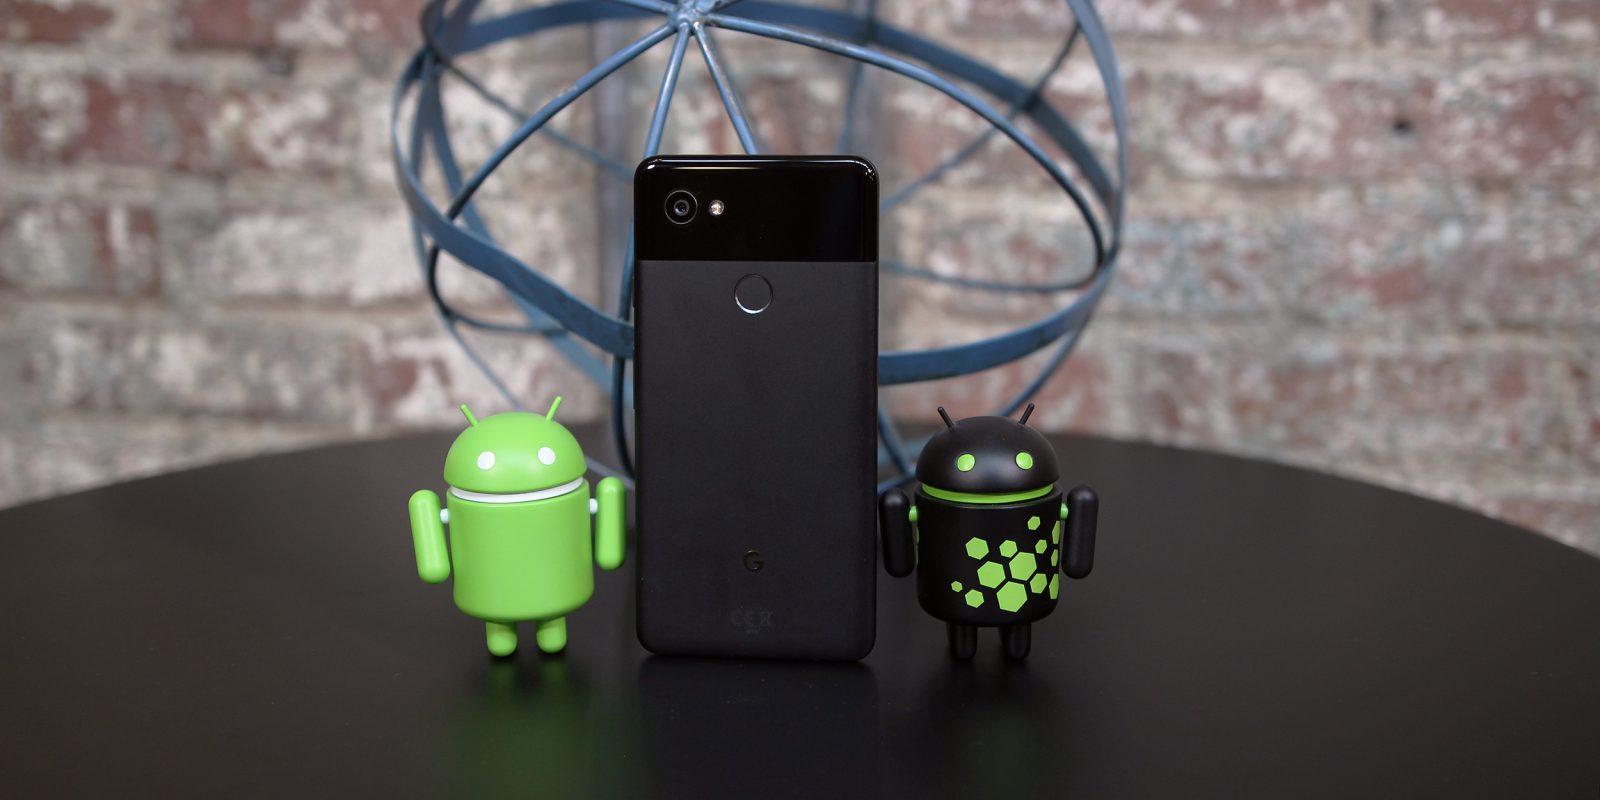 Muñecos Android en una mesa con un smartphone